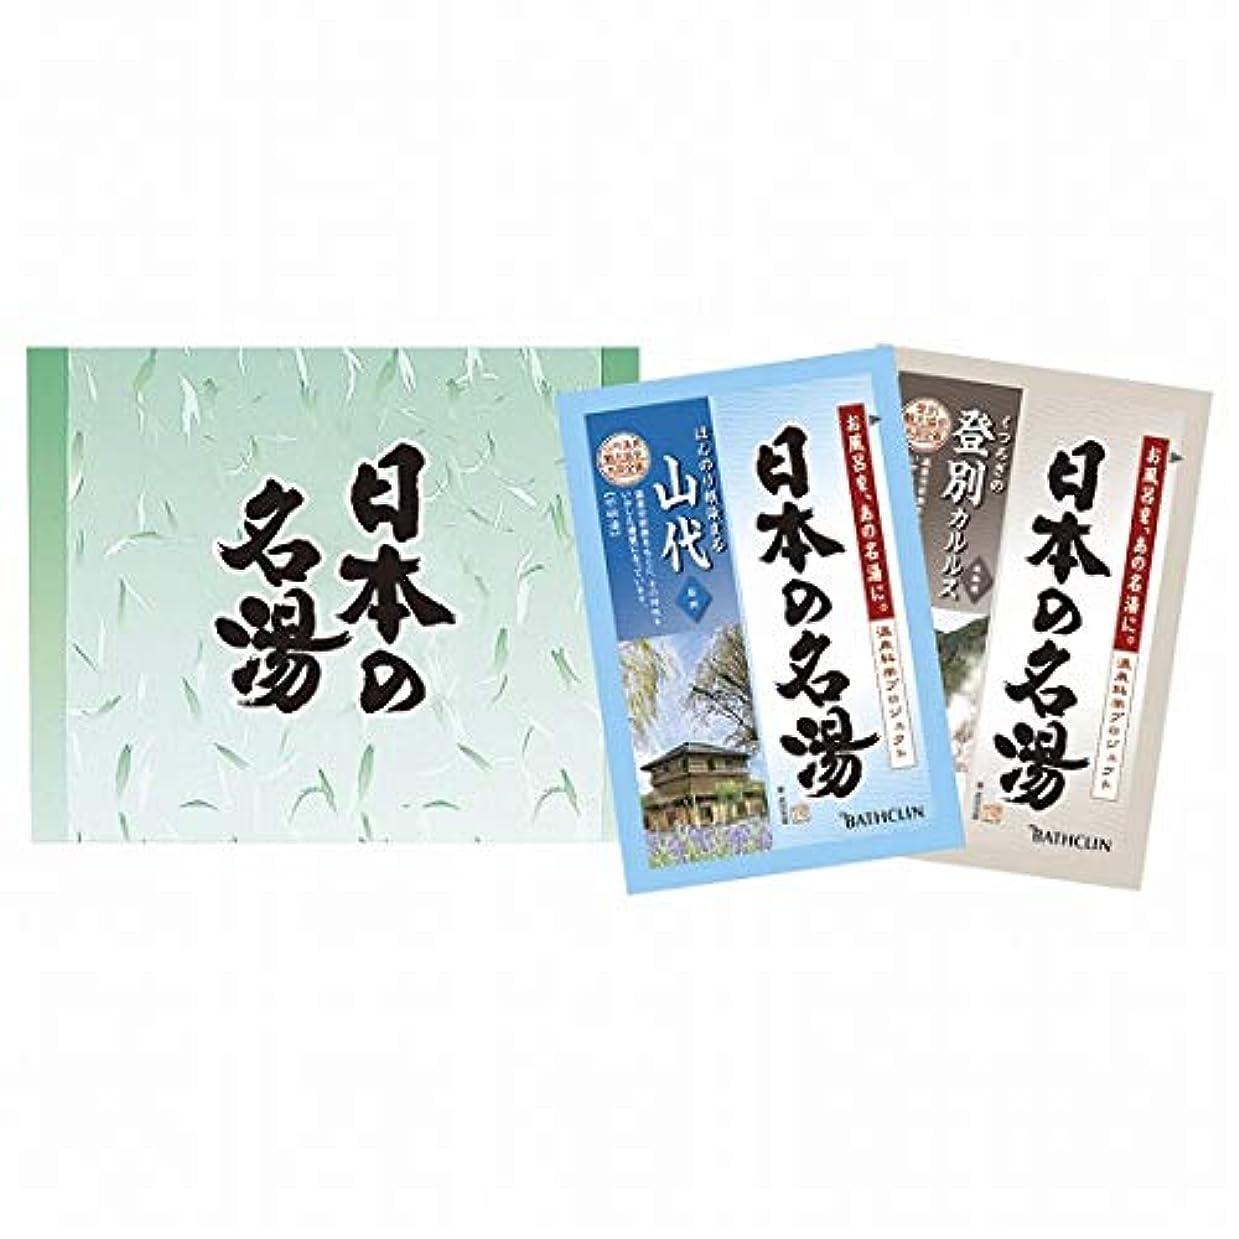 ライターフックである日本の名湯2包セット